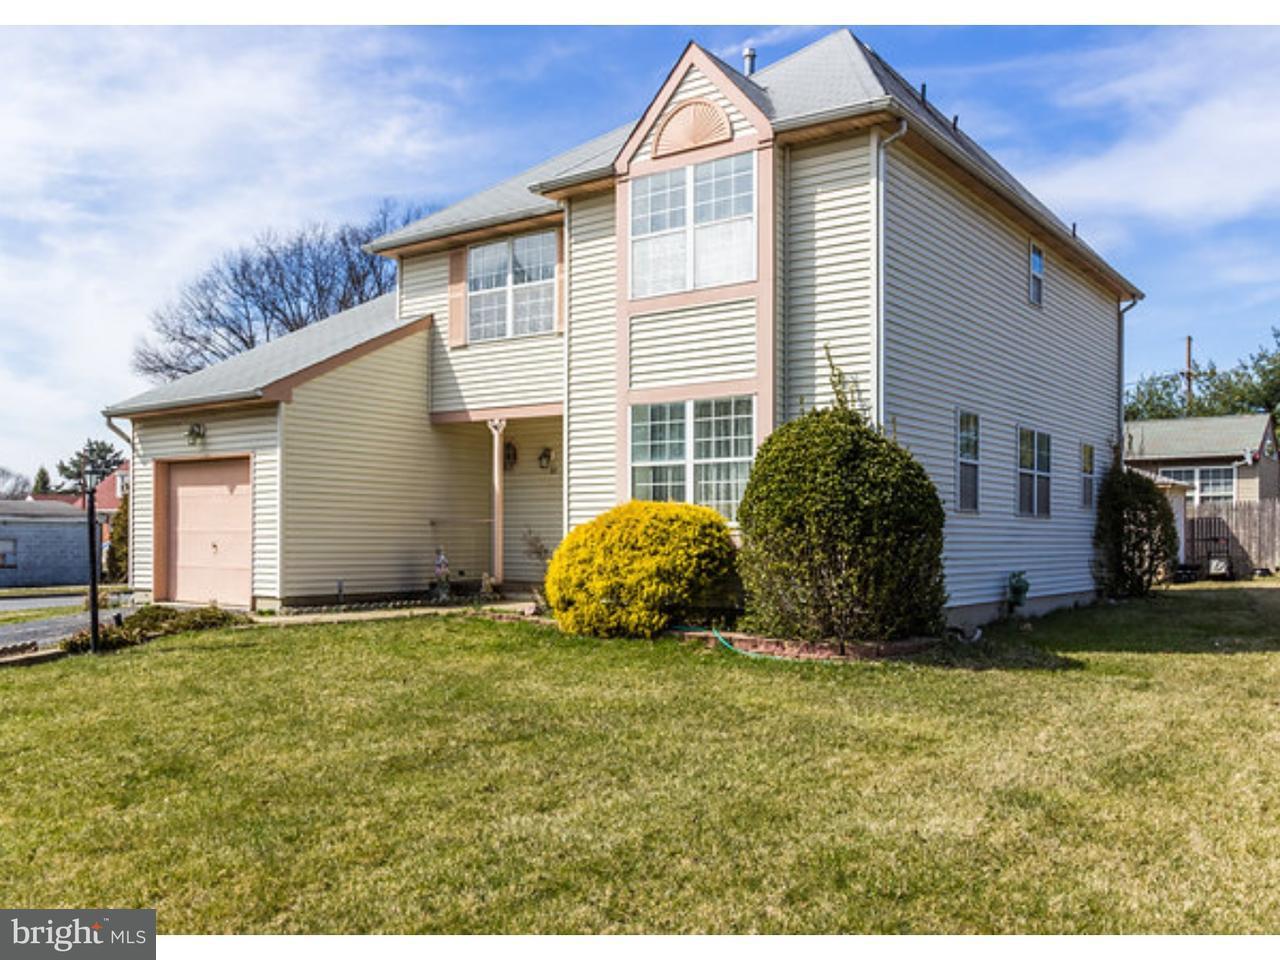 Частный односемейный дом для того Продажа на 37 BIRCHLY Court Westville, Нью-Джерси 08093 Соединенные Штаты